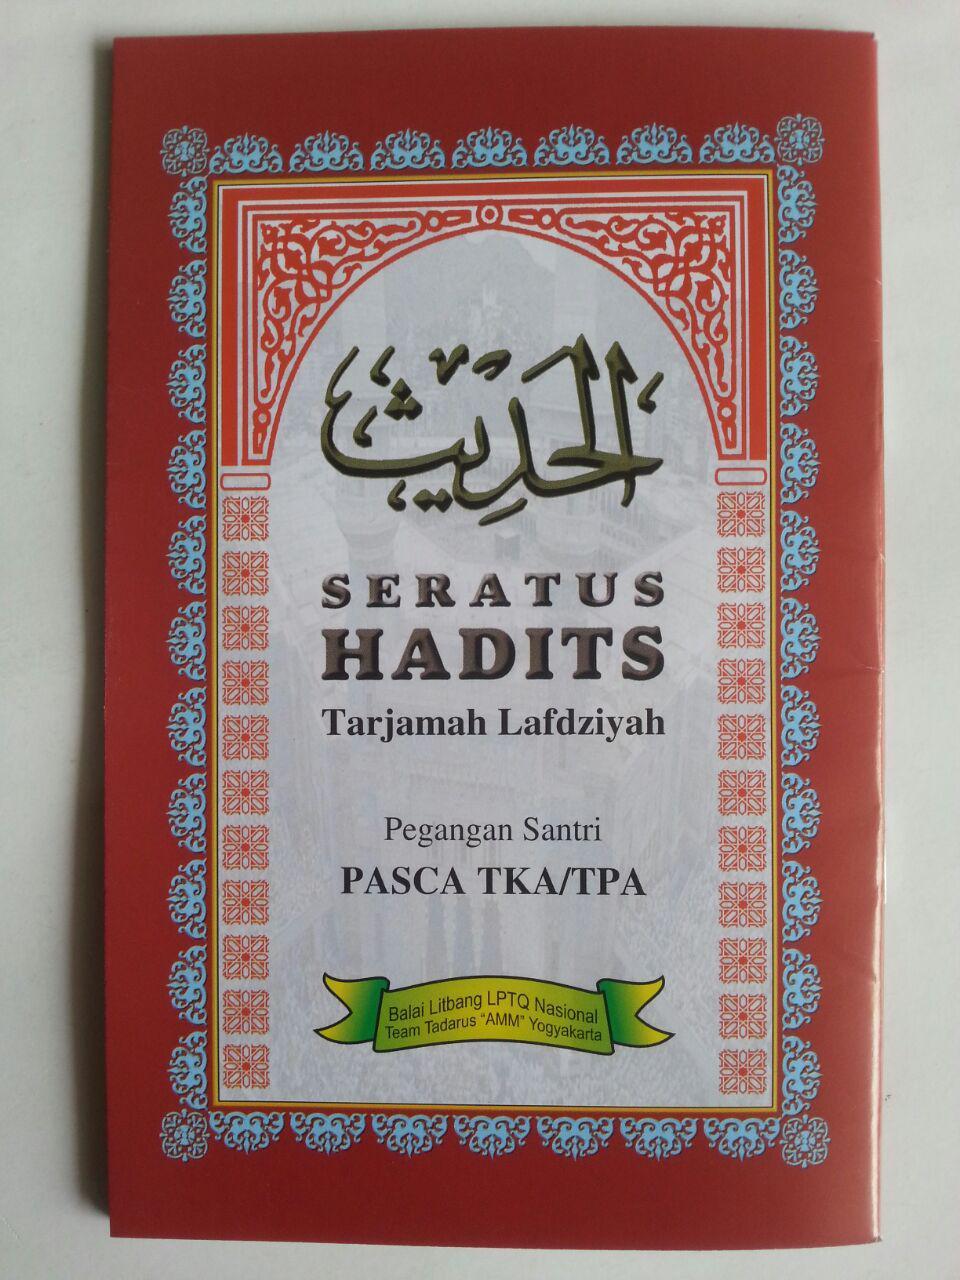 Buku Seratus Hadits Terjamah Lafdziyah Pegangan Santri Pasca TKATPA cover 2